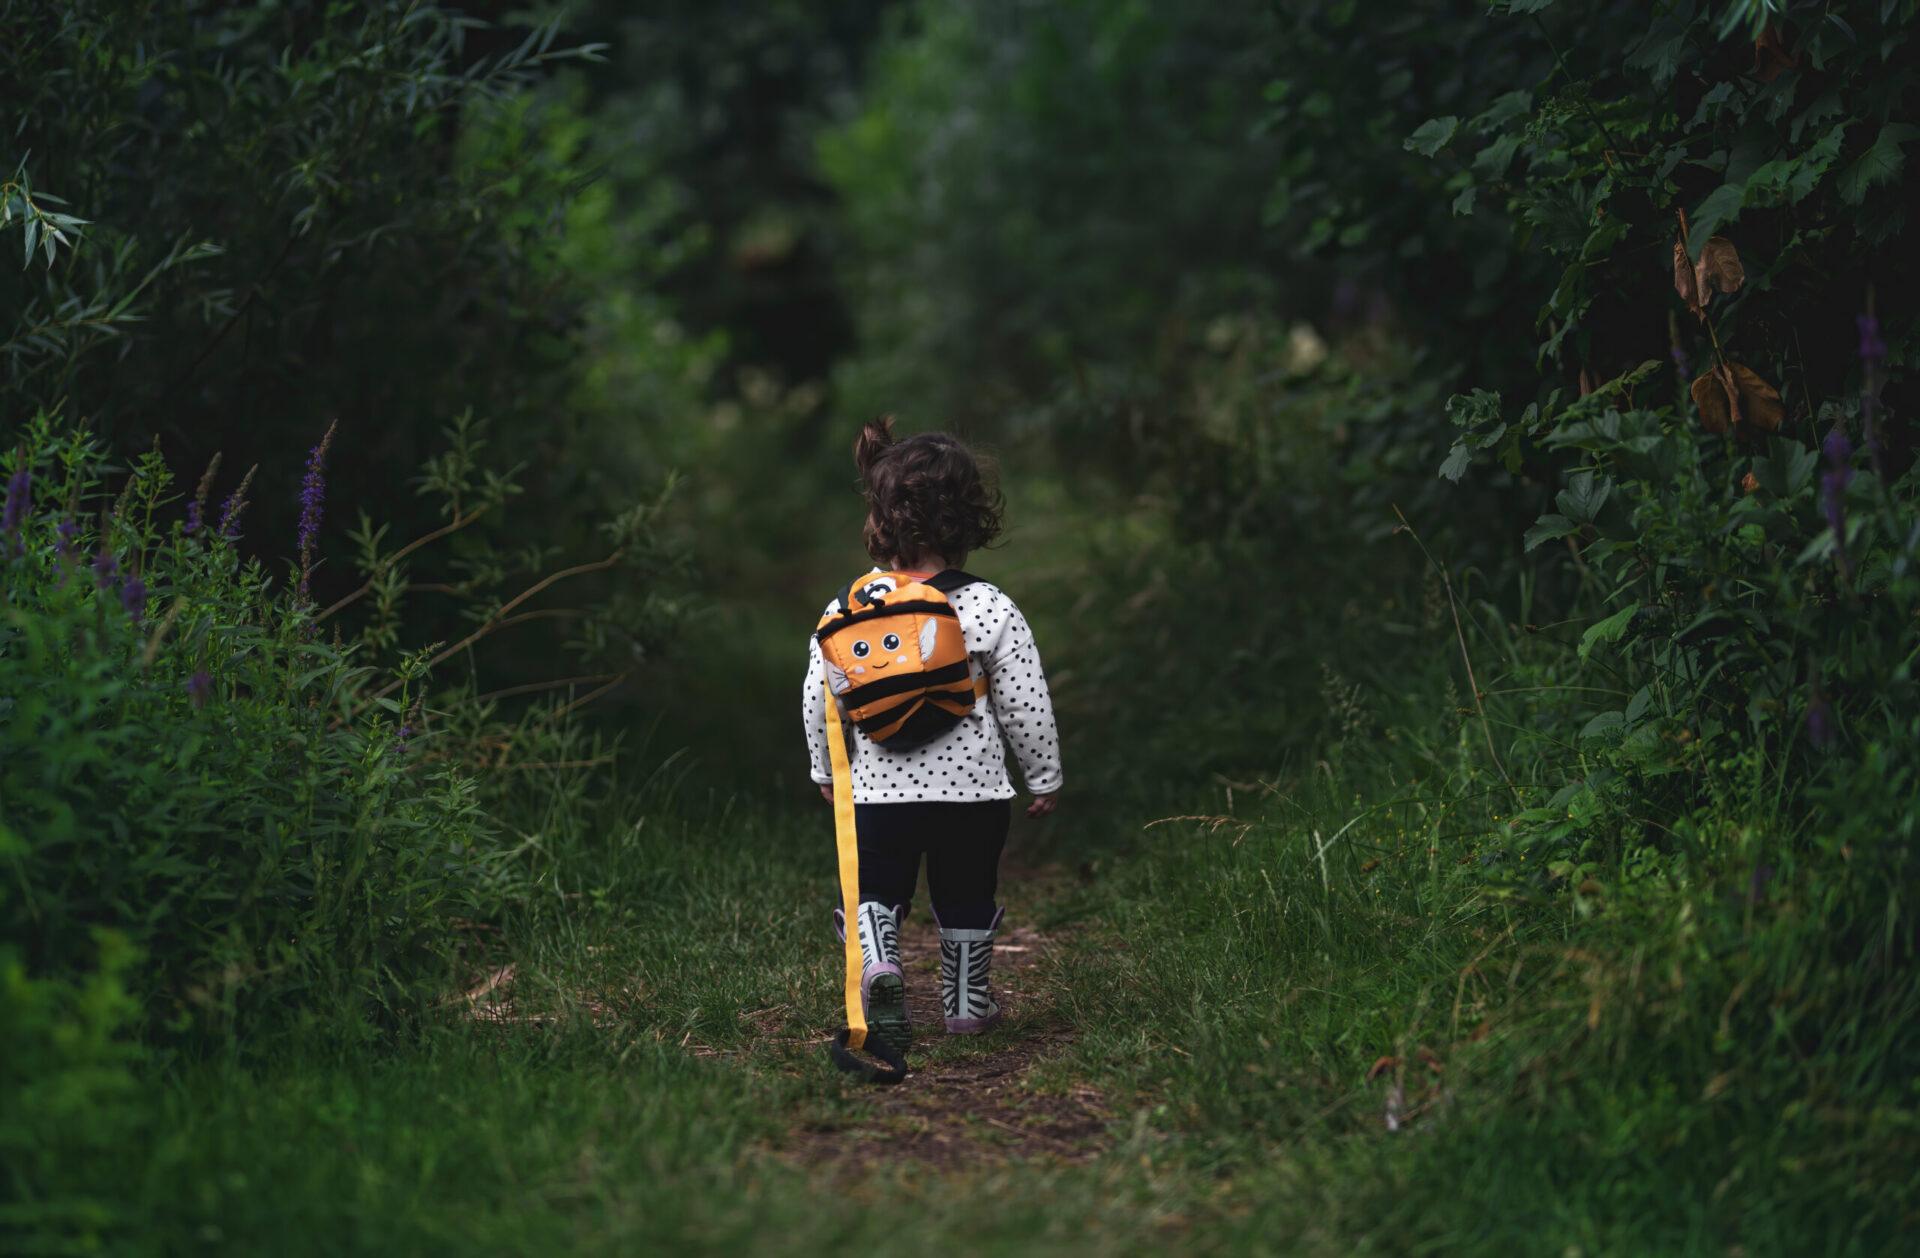 Barn med ryggsäck i en skog som illustrerar alla barns lika rätt.